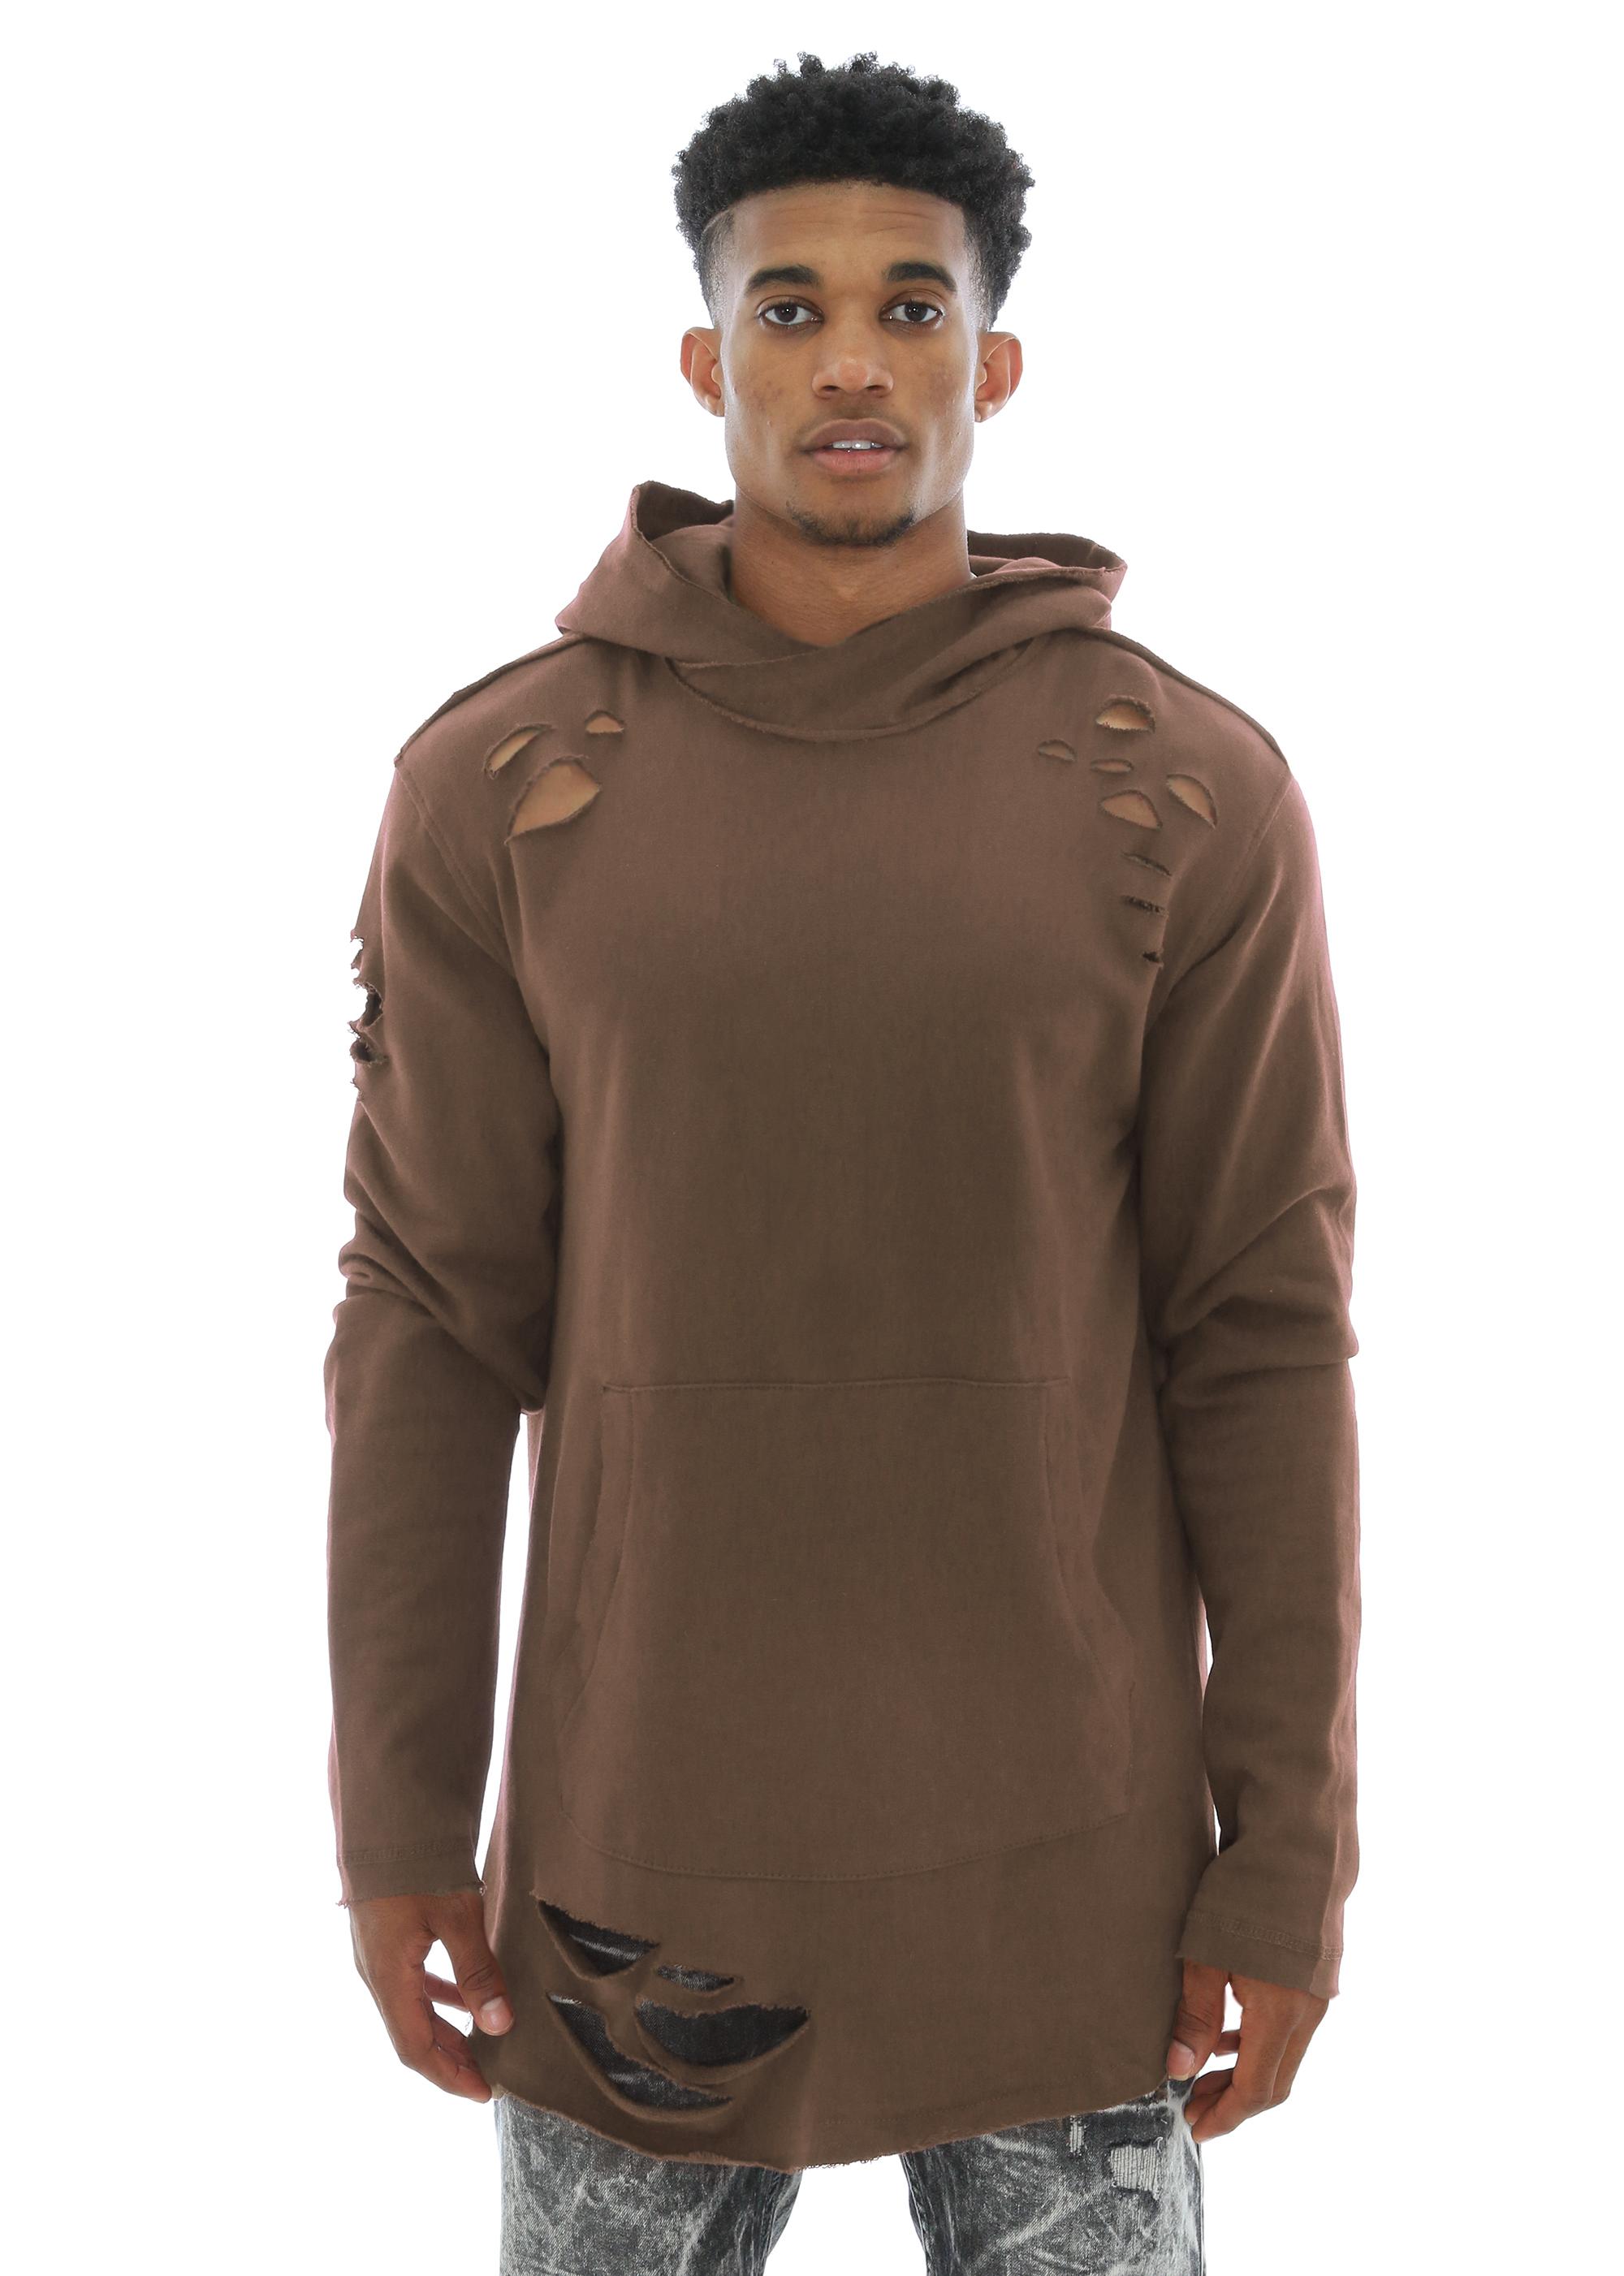 Mens jordan hoodies